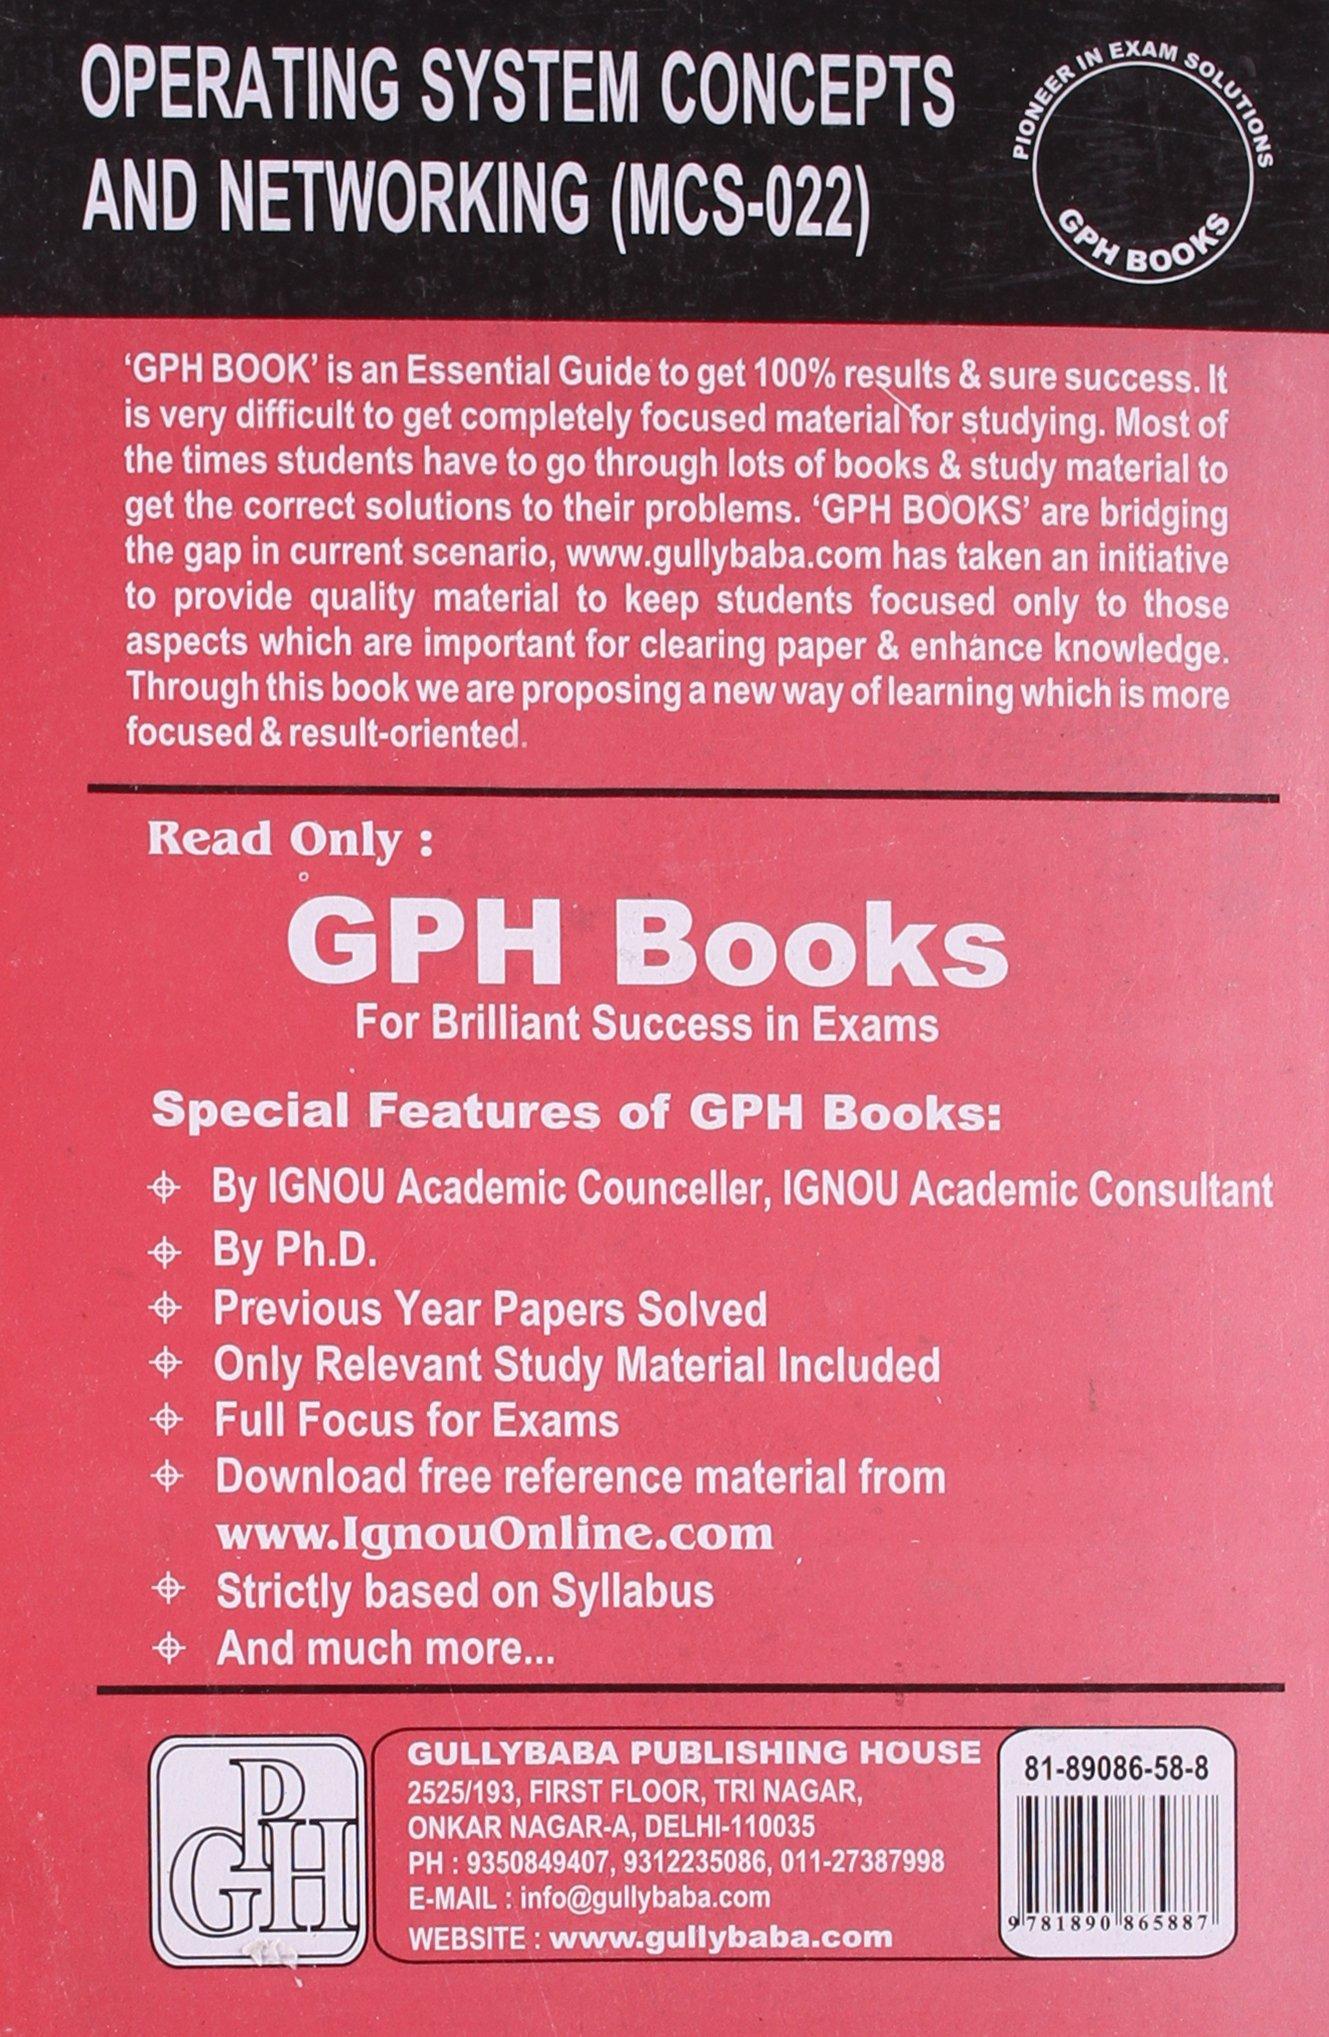 Mcs 022 Book